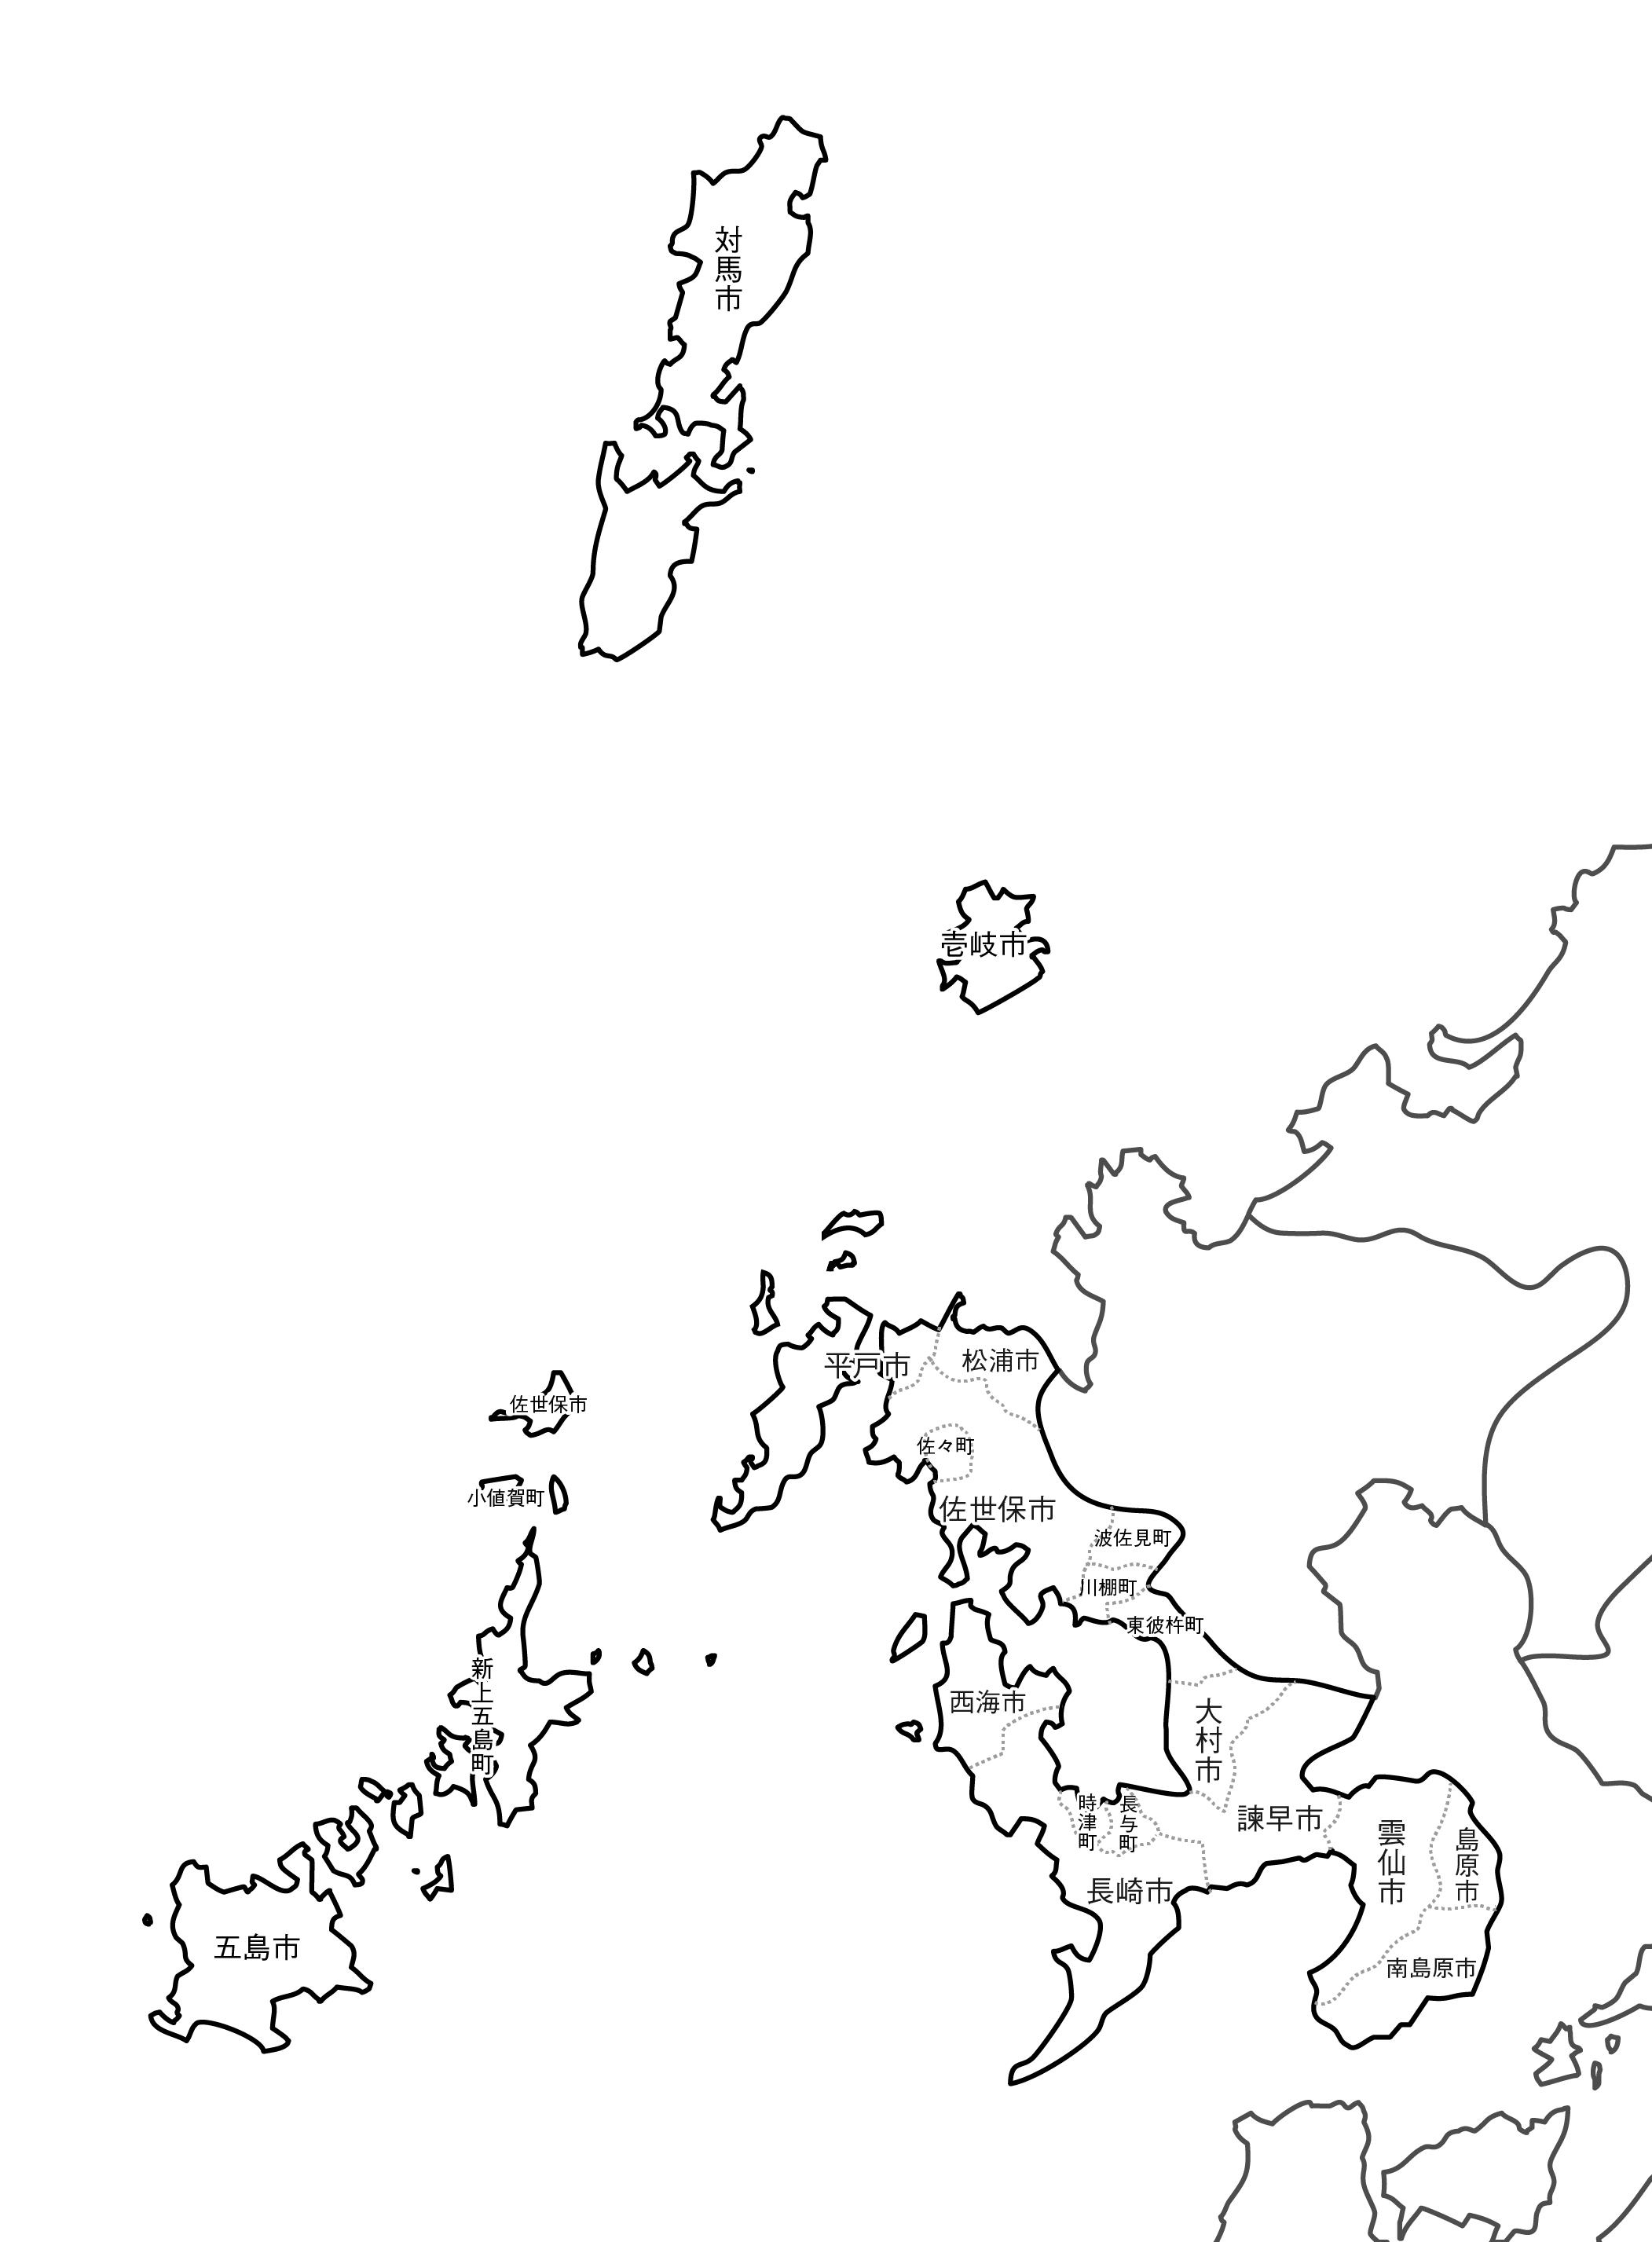 [白地図]長崎県・ラインあり・市区町村名あり・隣県あり